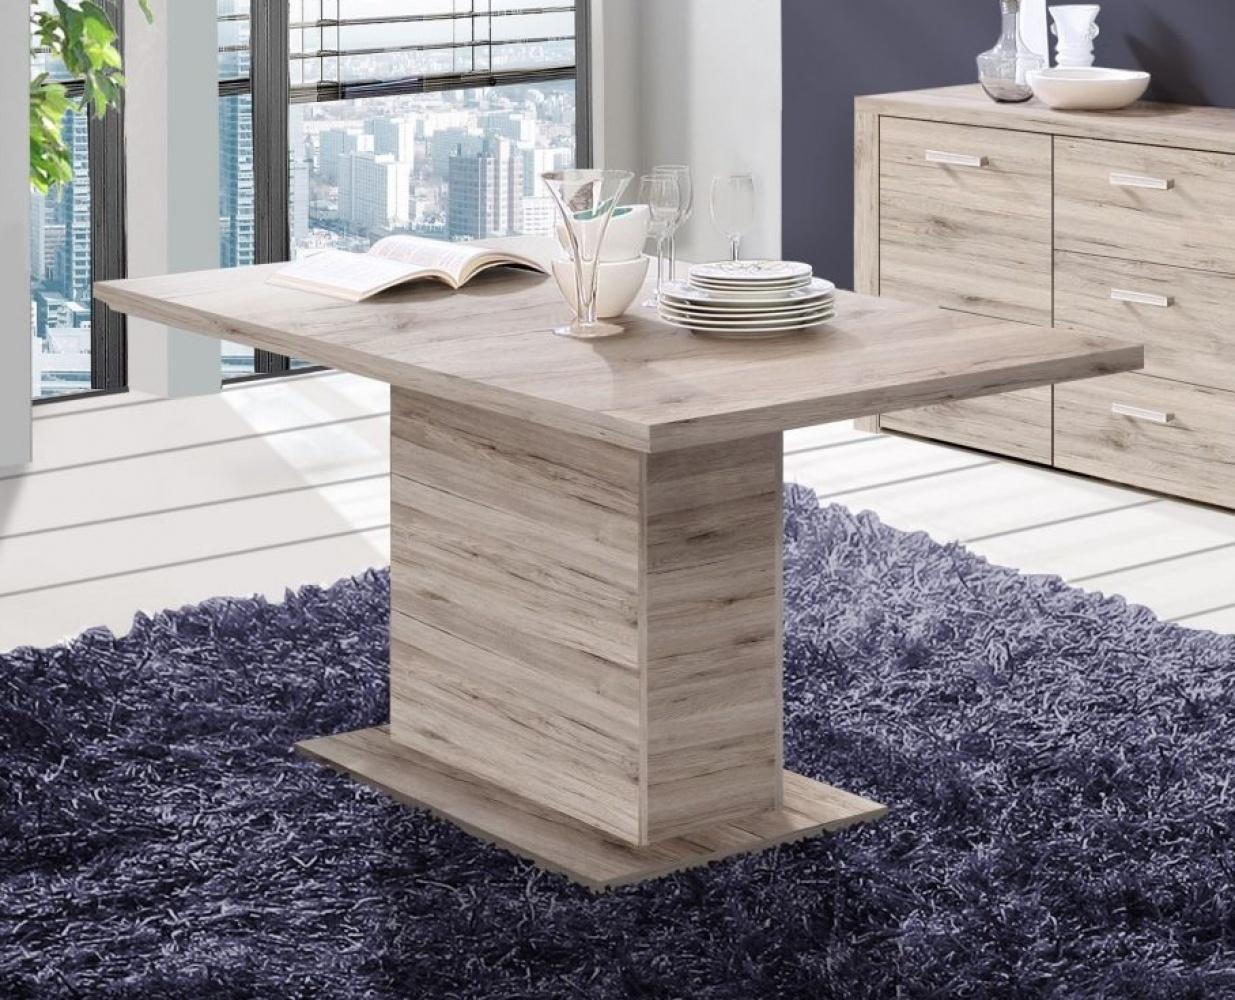 esszimmertisch julietta ausziehbar 160x90 cm in sandeiche kaufen bei m bel lux. Black Bedroom Furniture Sets. Home Design Ideas